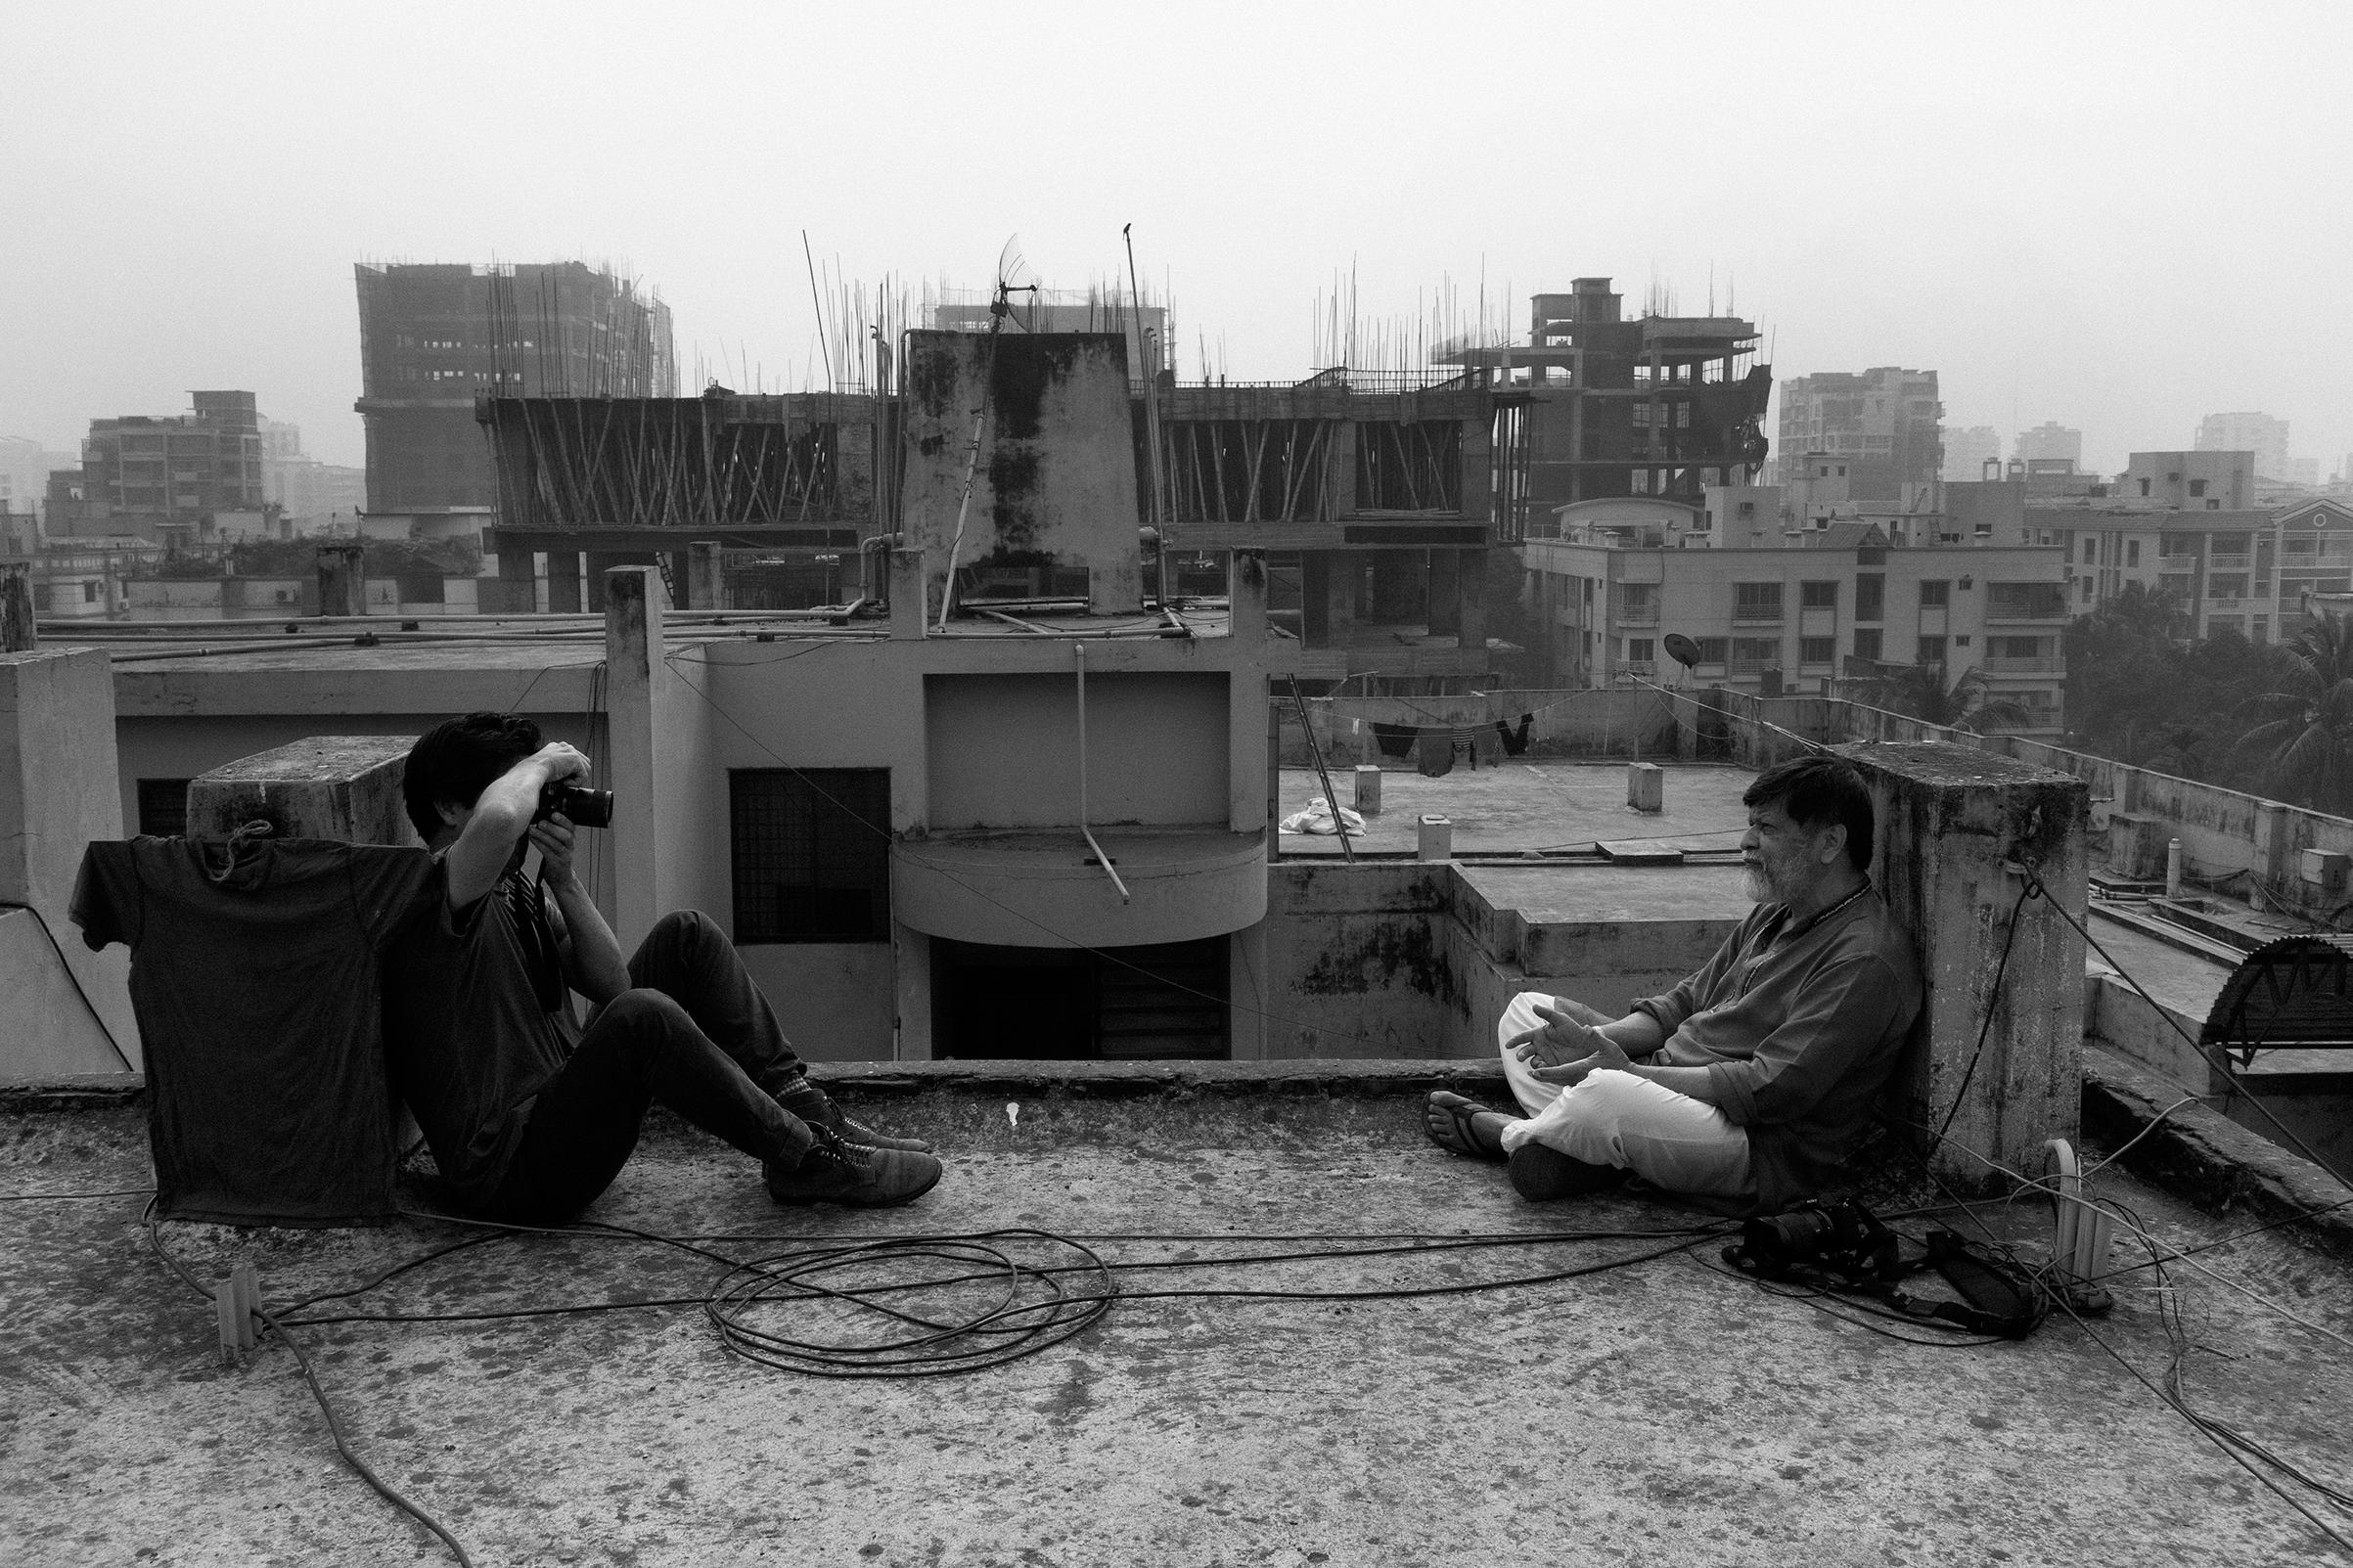 Moises Saman photographing Shahidul Alam on Dec.5 on his Dhaka, Bangladesh, rooftop